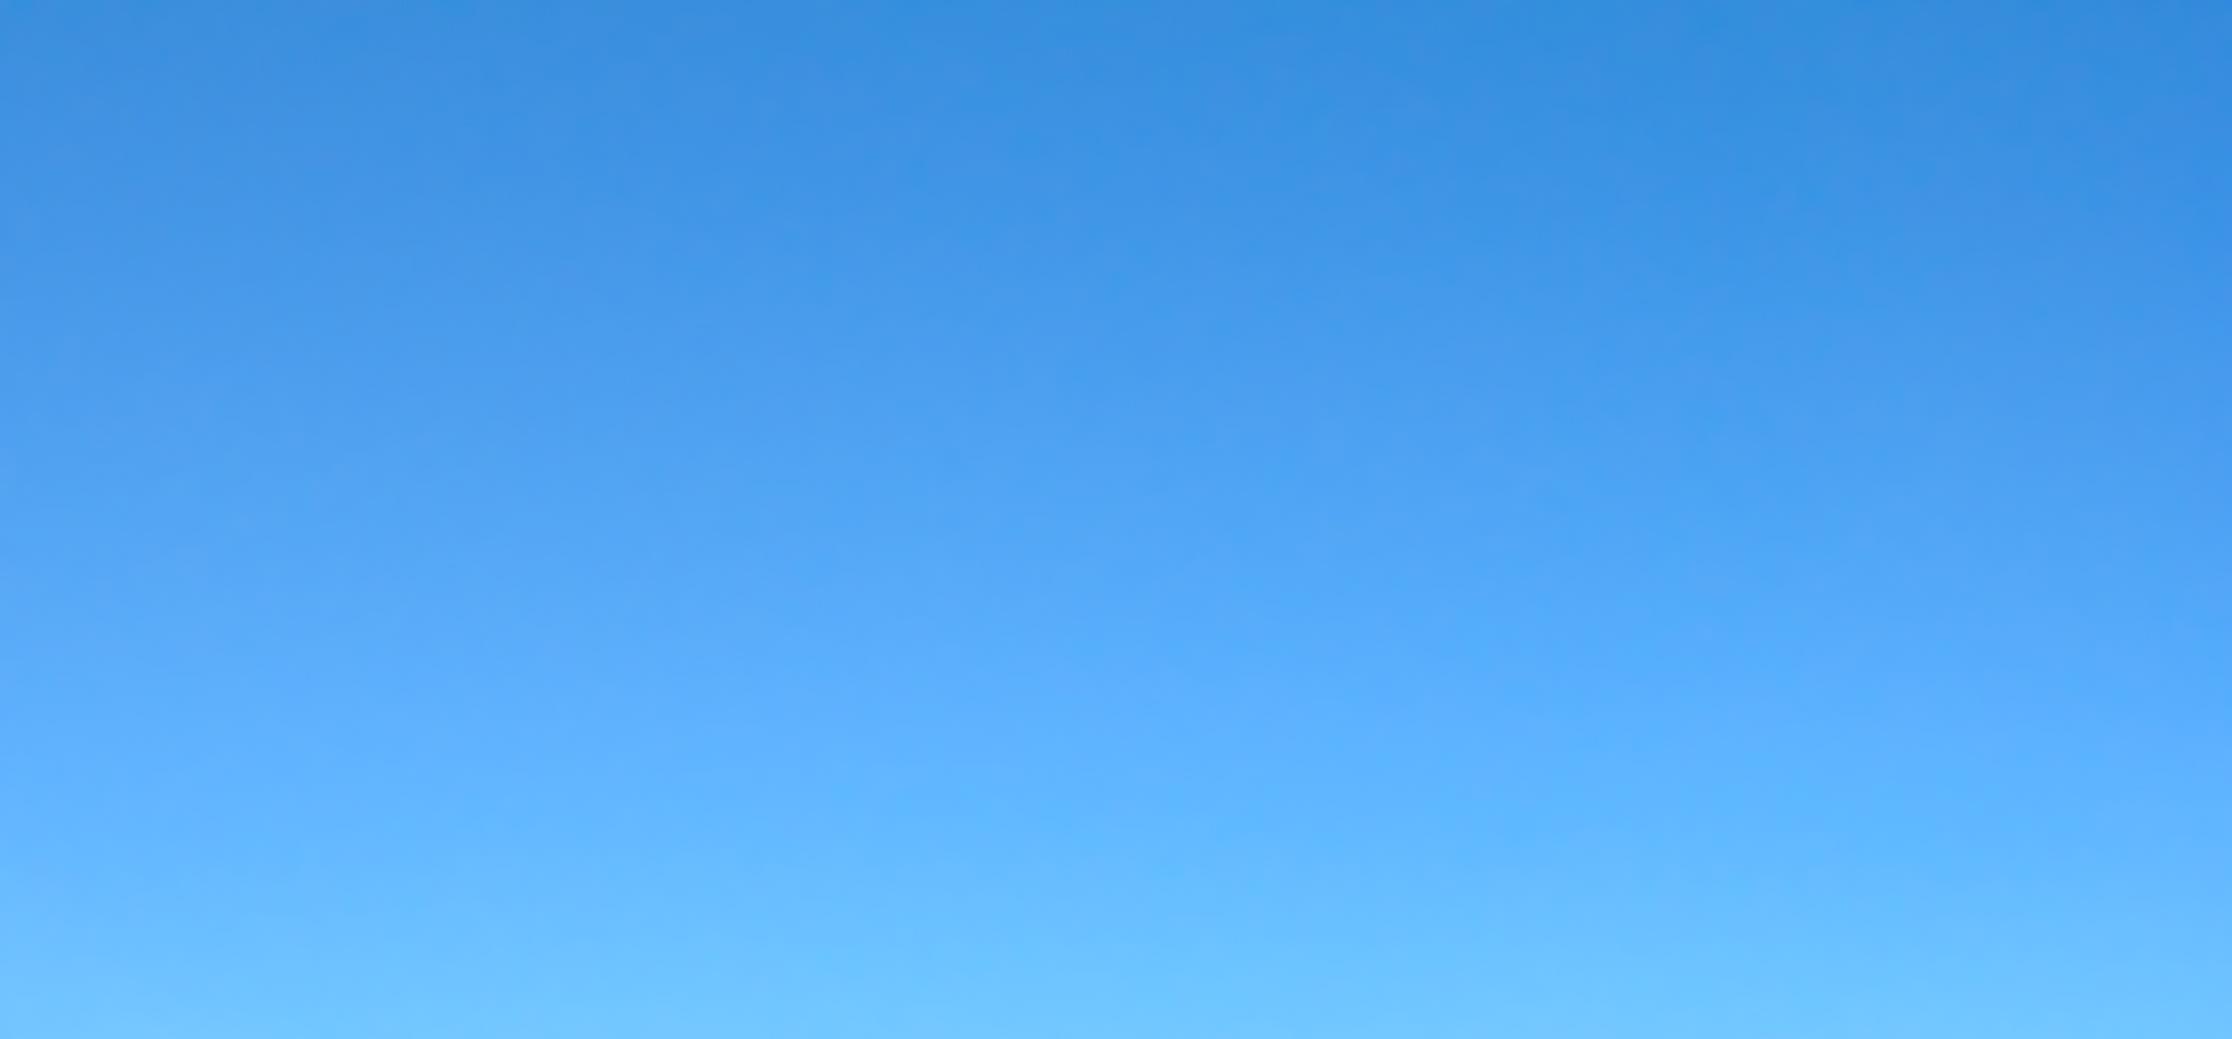 Blå himmel 1_edited.png